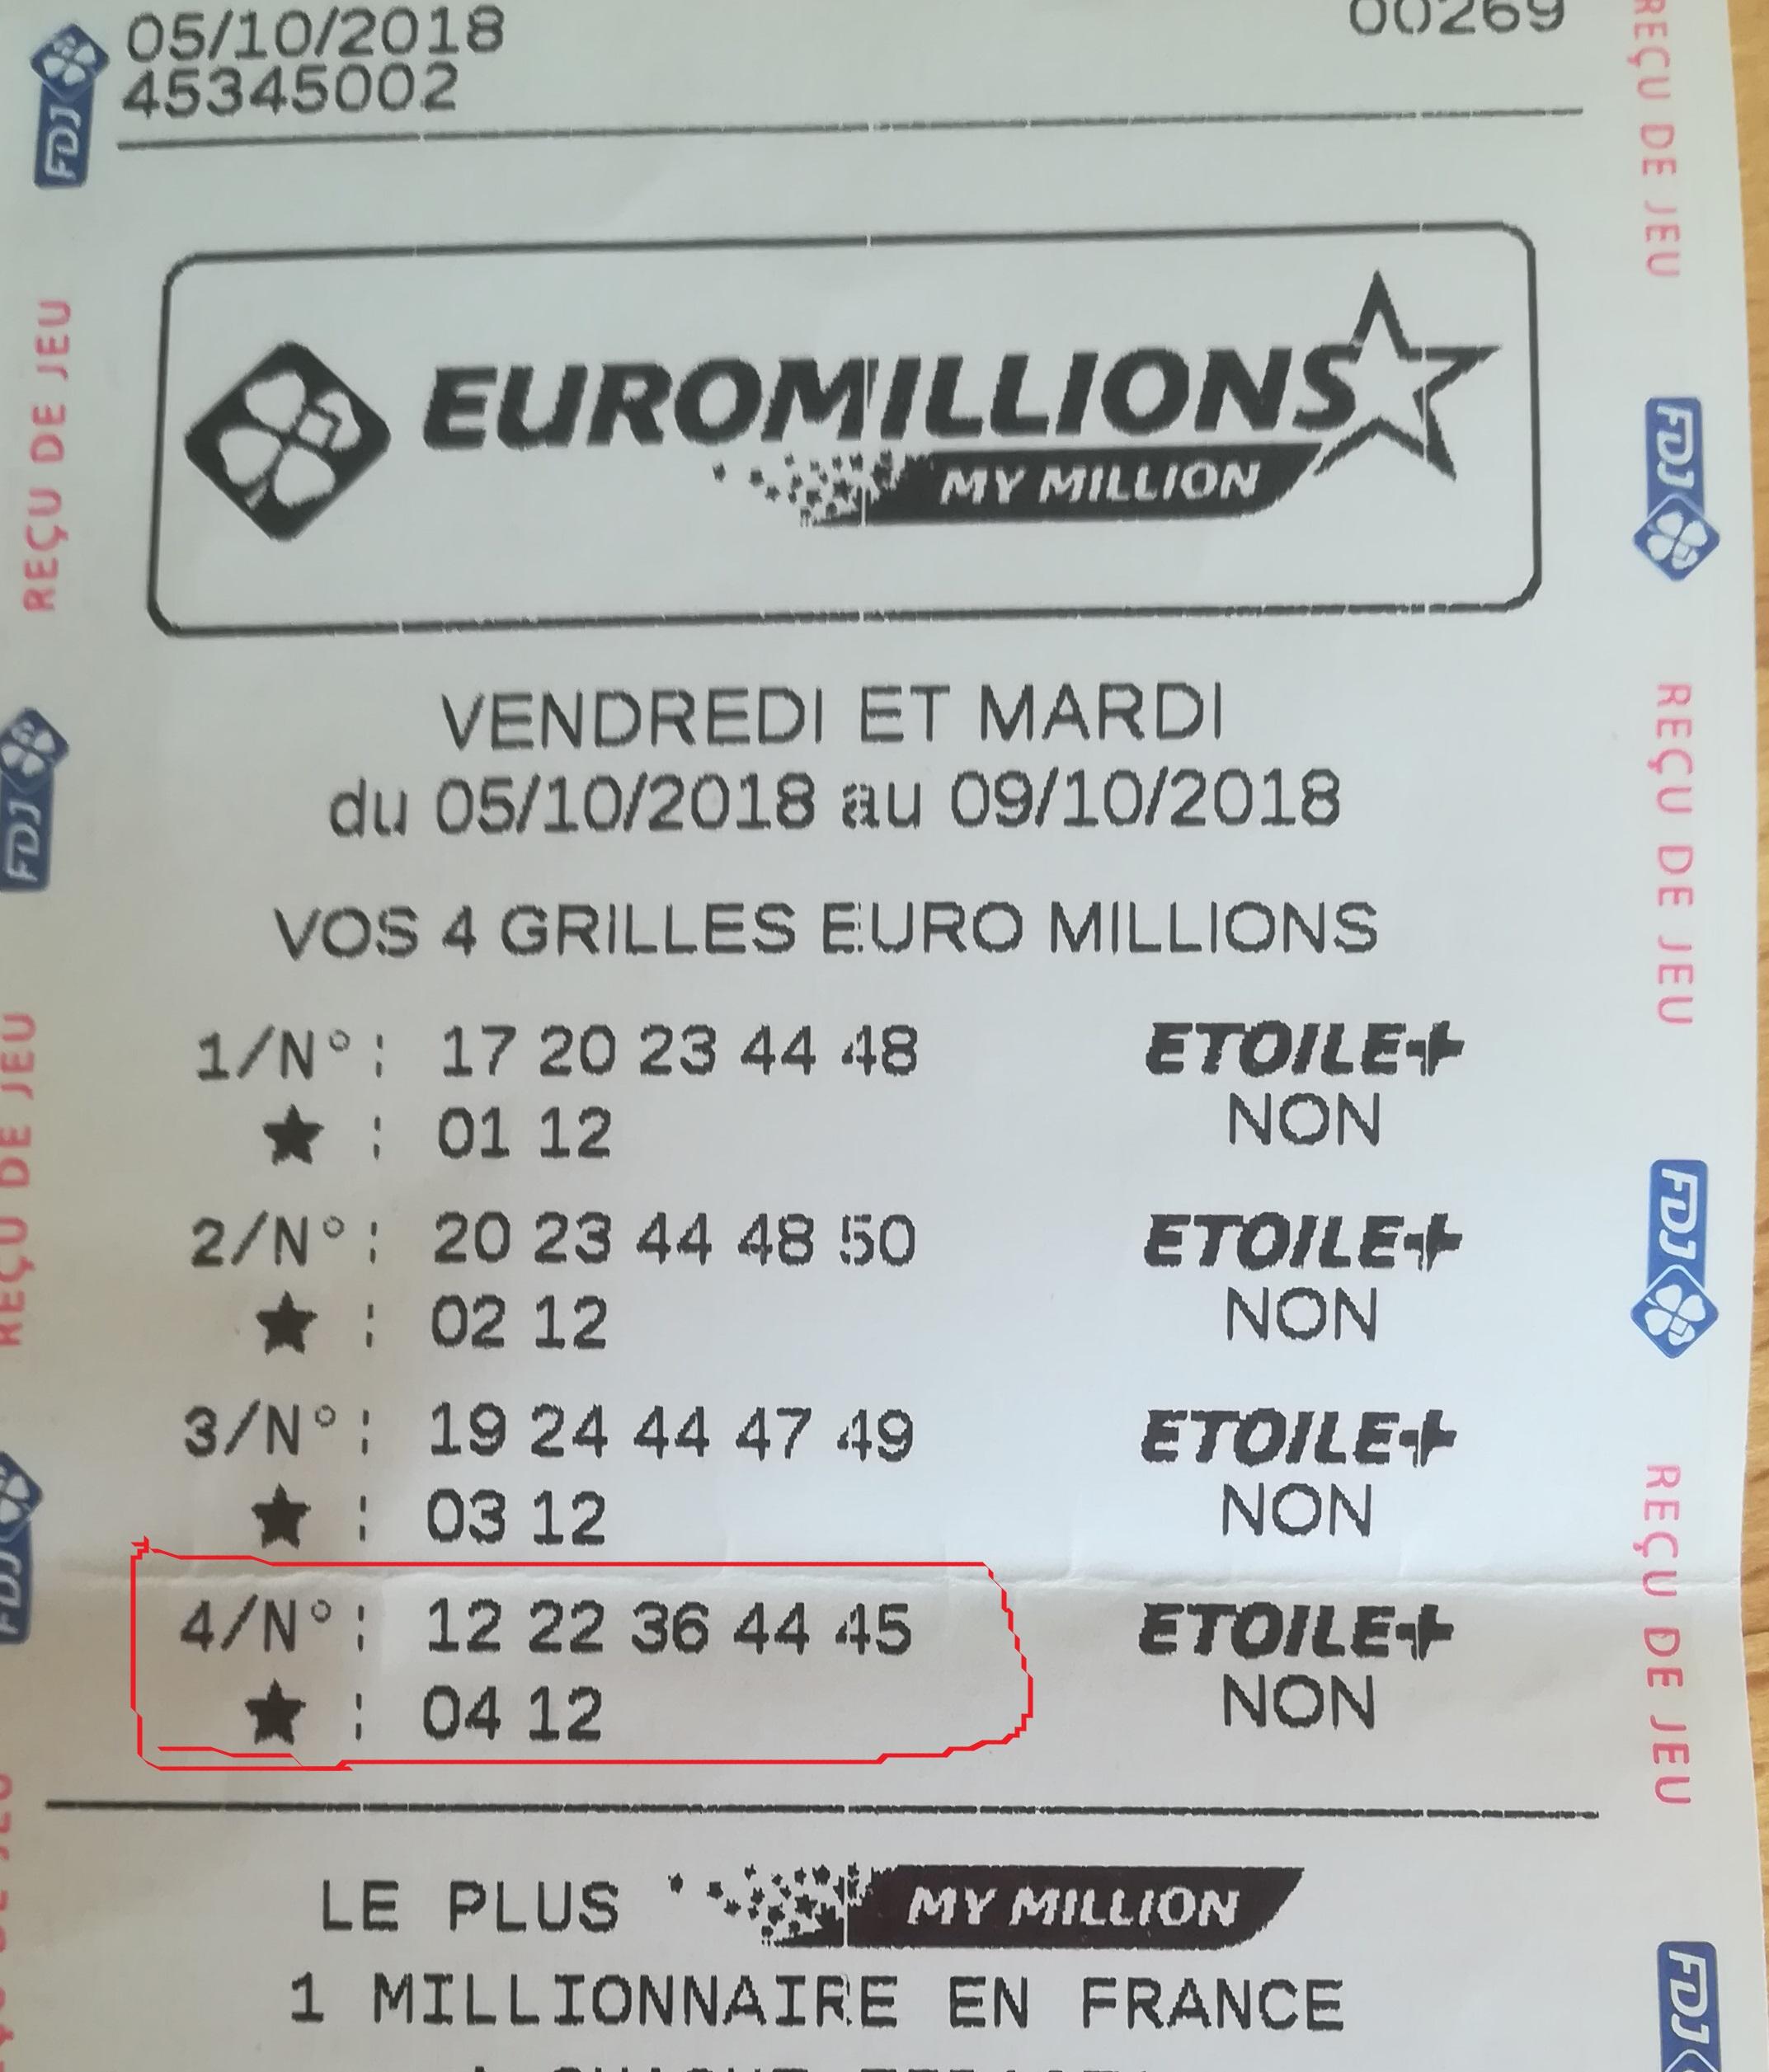 Ticket gagnant à l'euromillions. Le système Probix peut vous permettre de trouver les numéros gagnants.